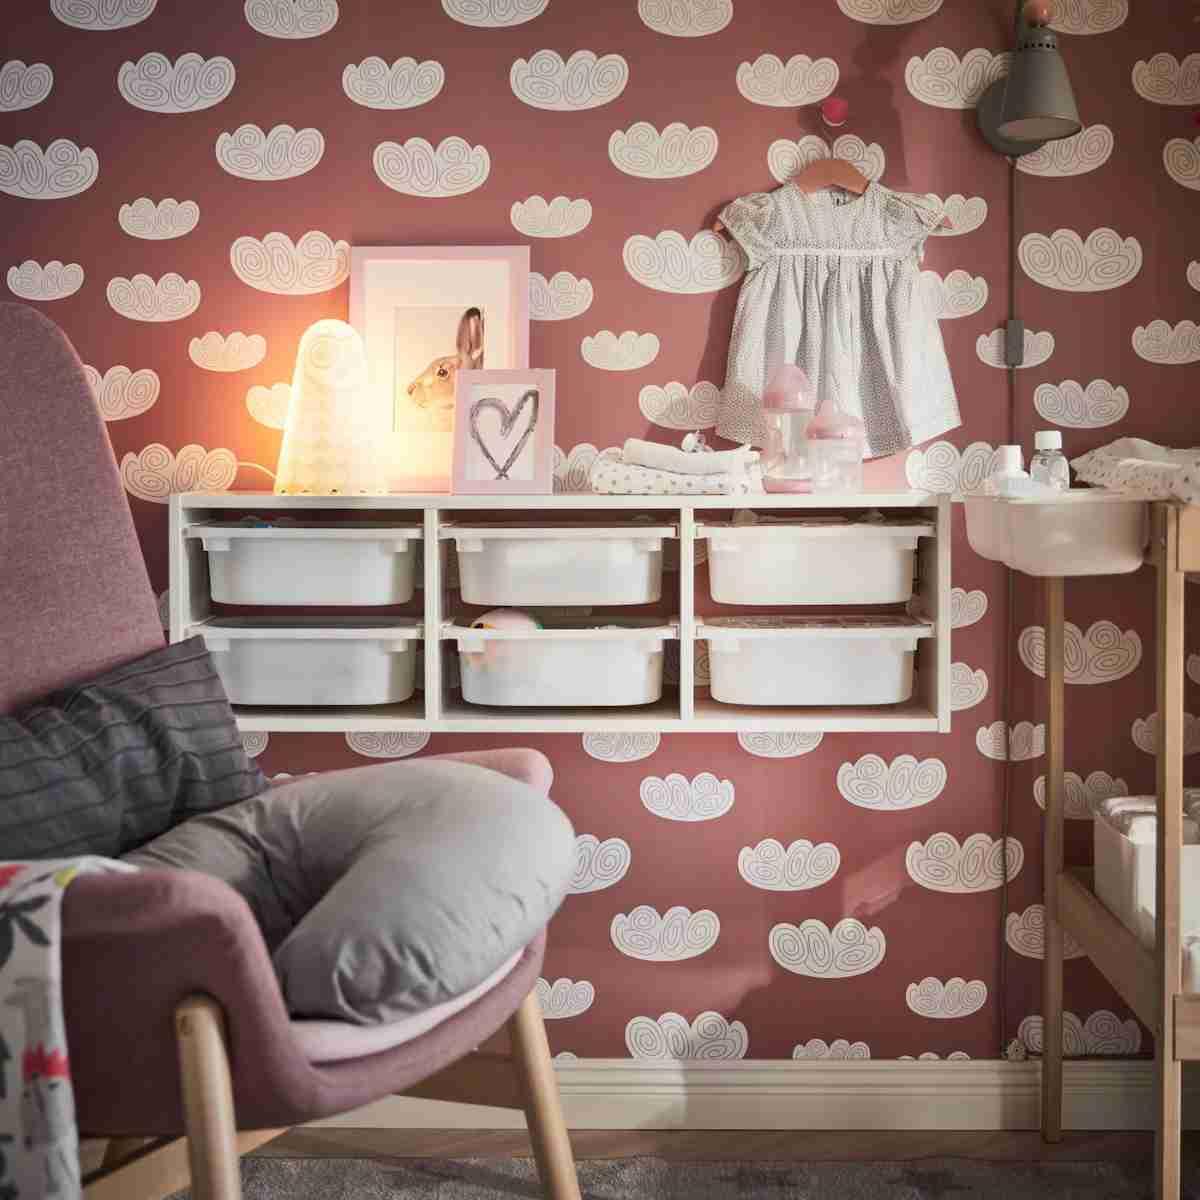 decorar dormitorio para bebe